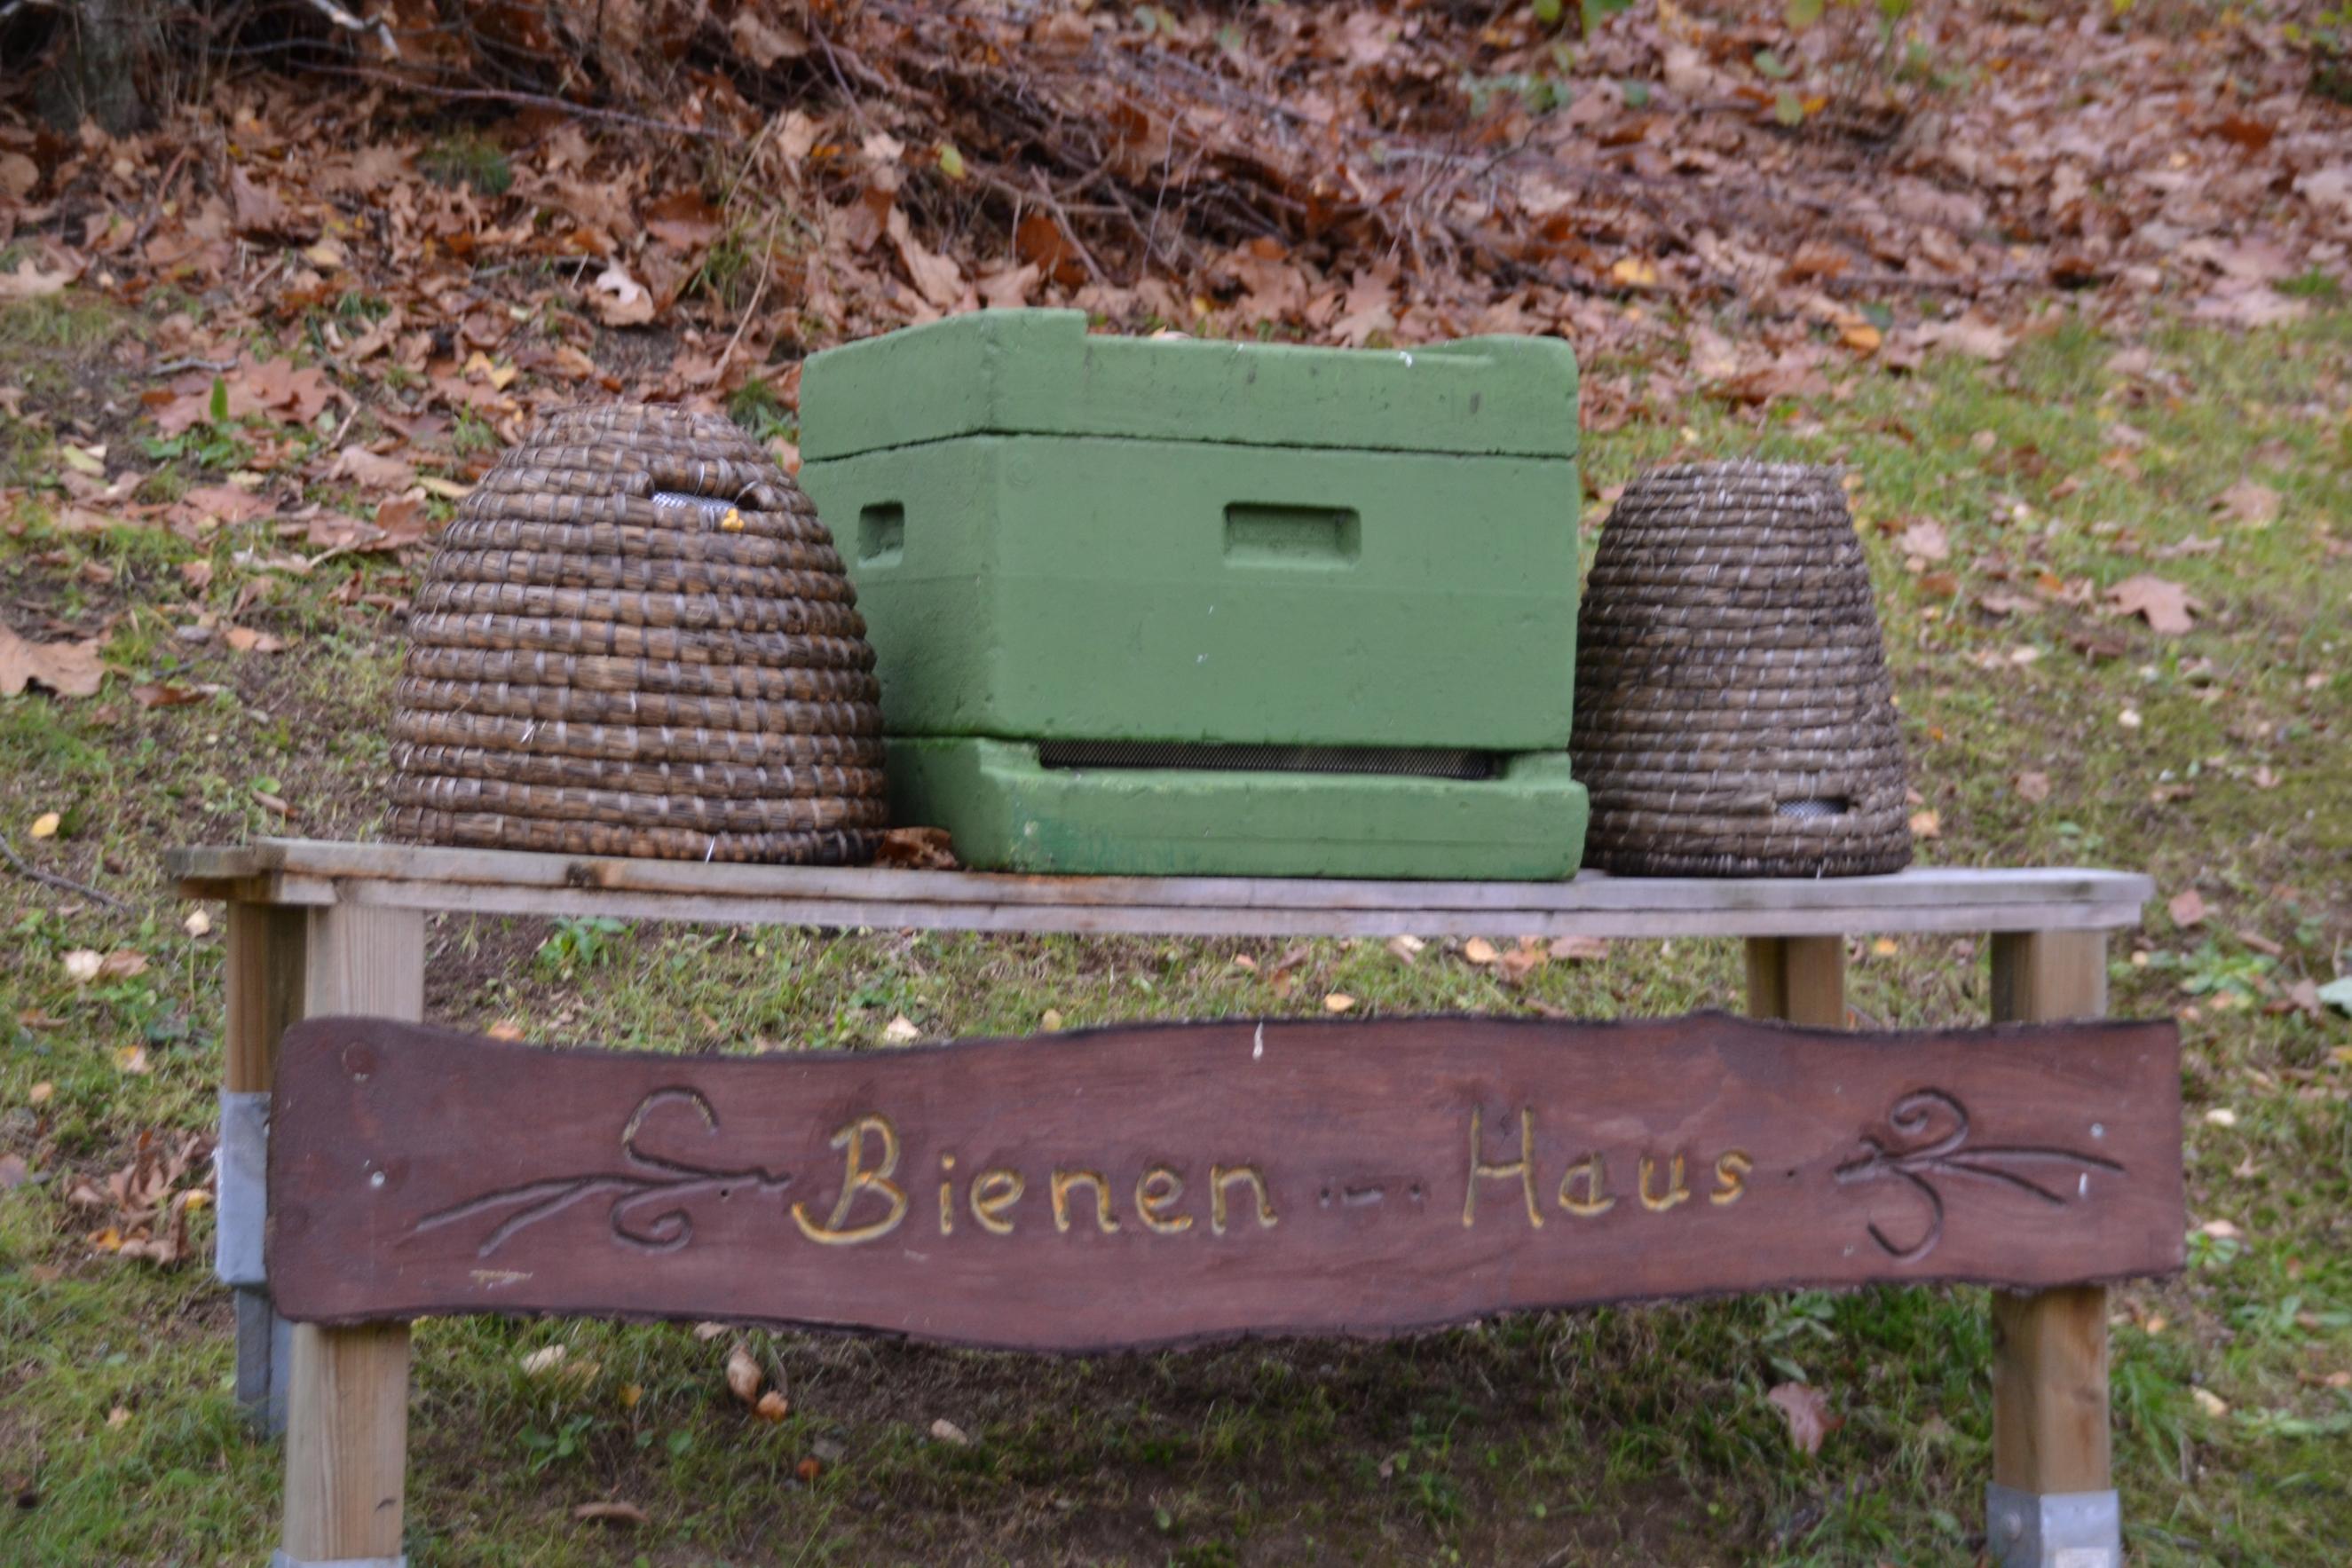 imker Illers - Bienenhaus